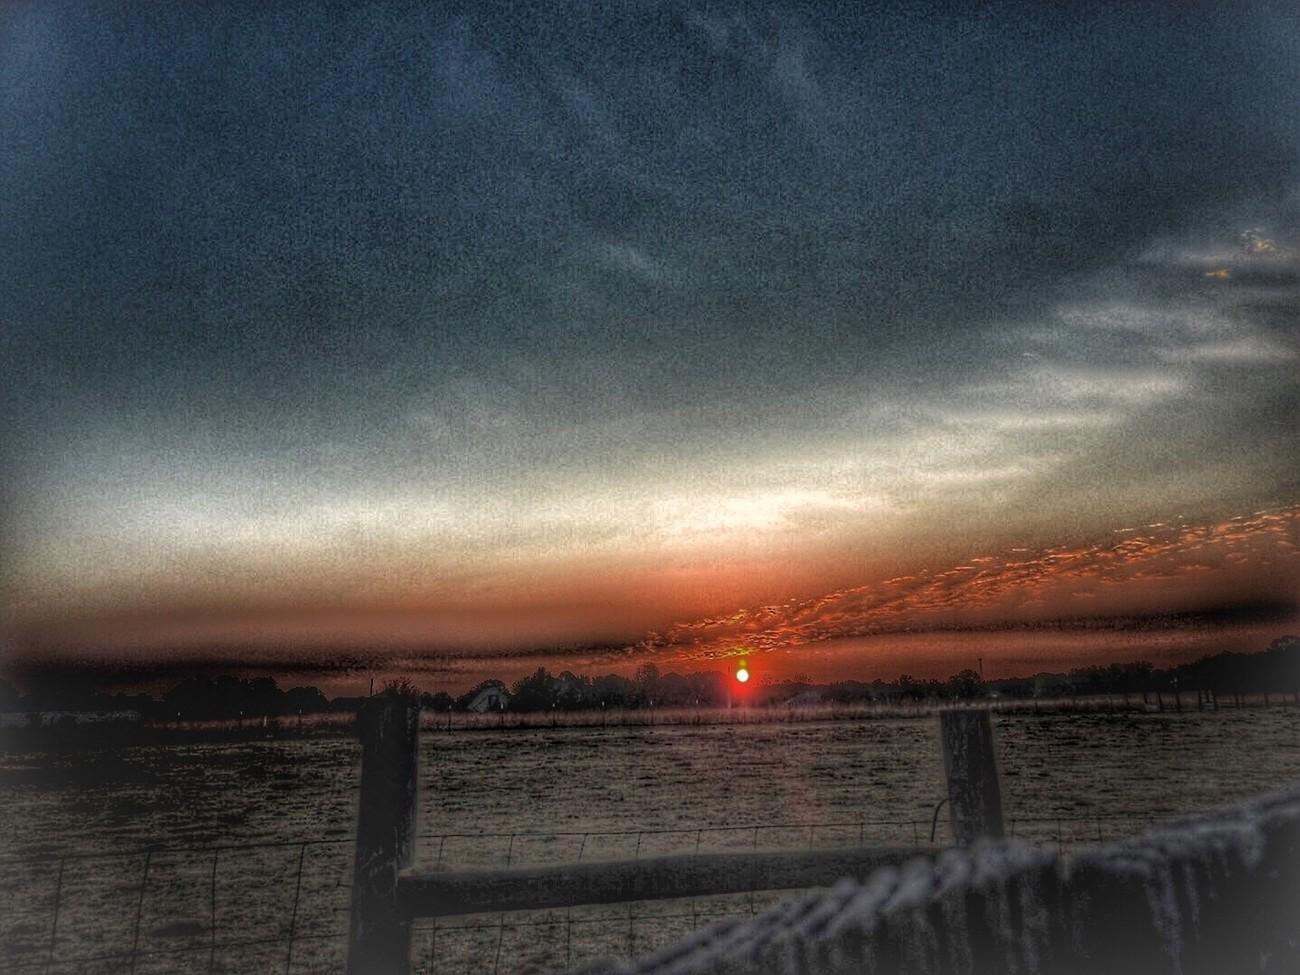 Taken as the sun came up over the horizon.